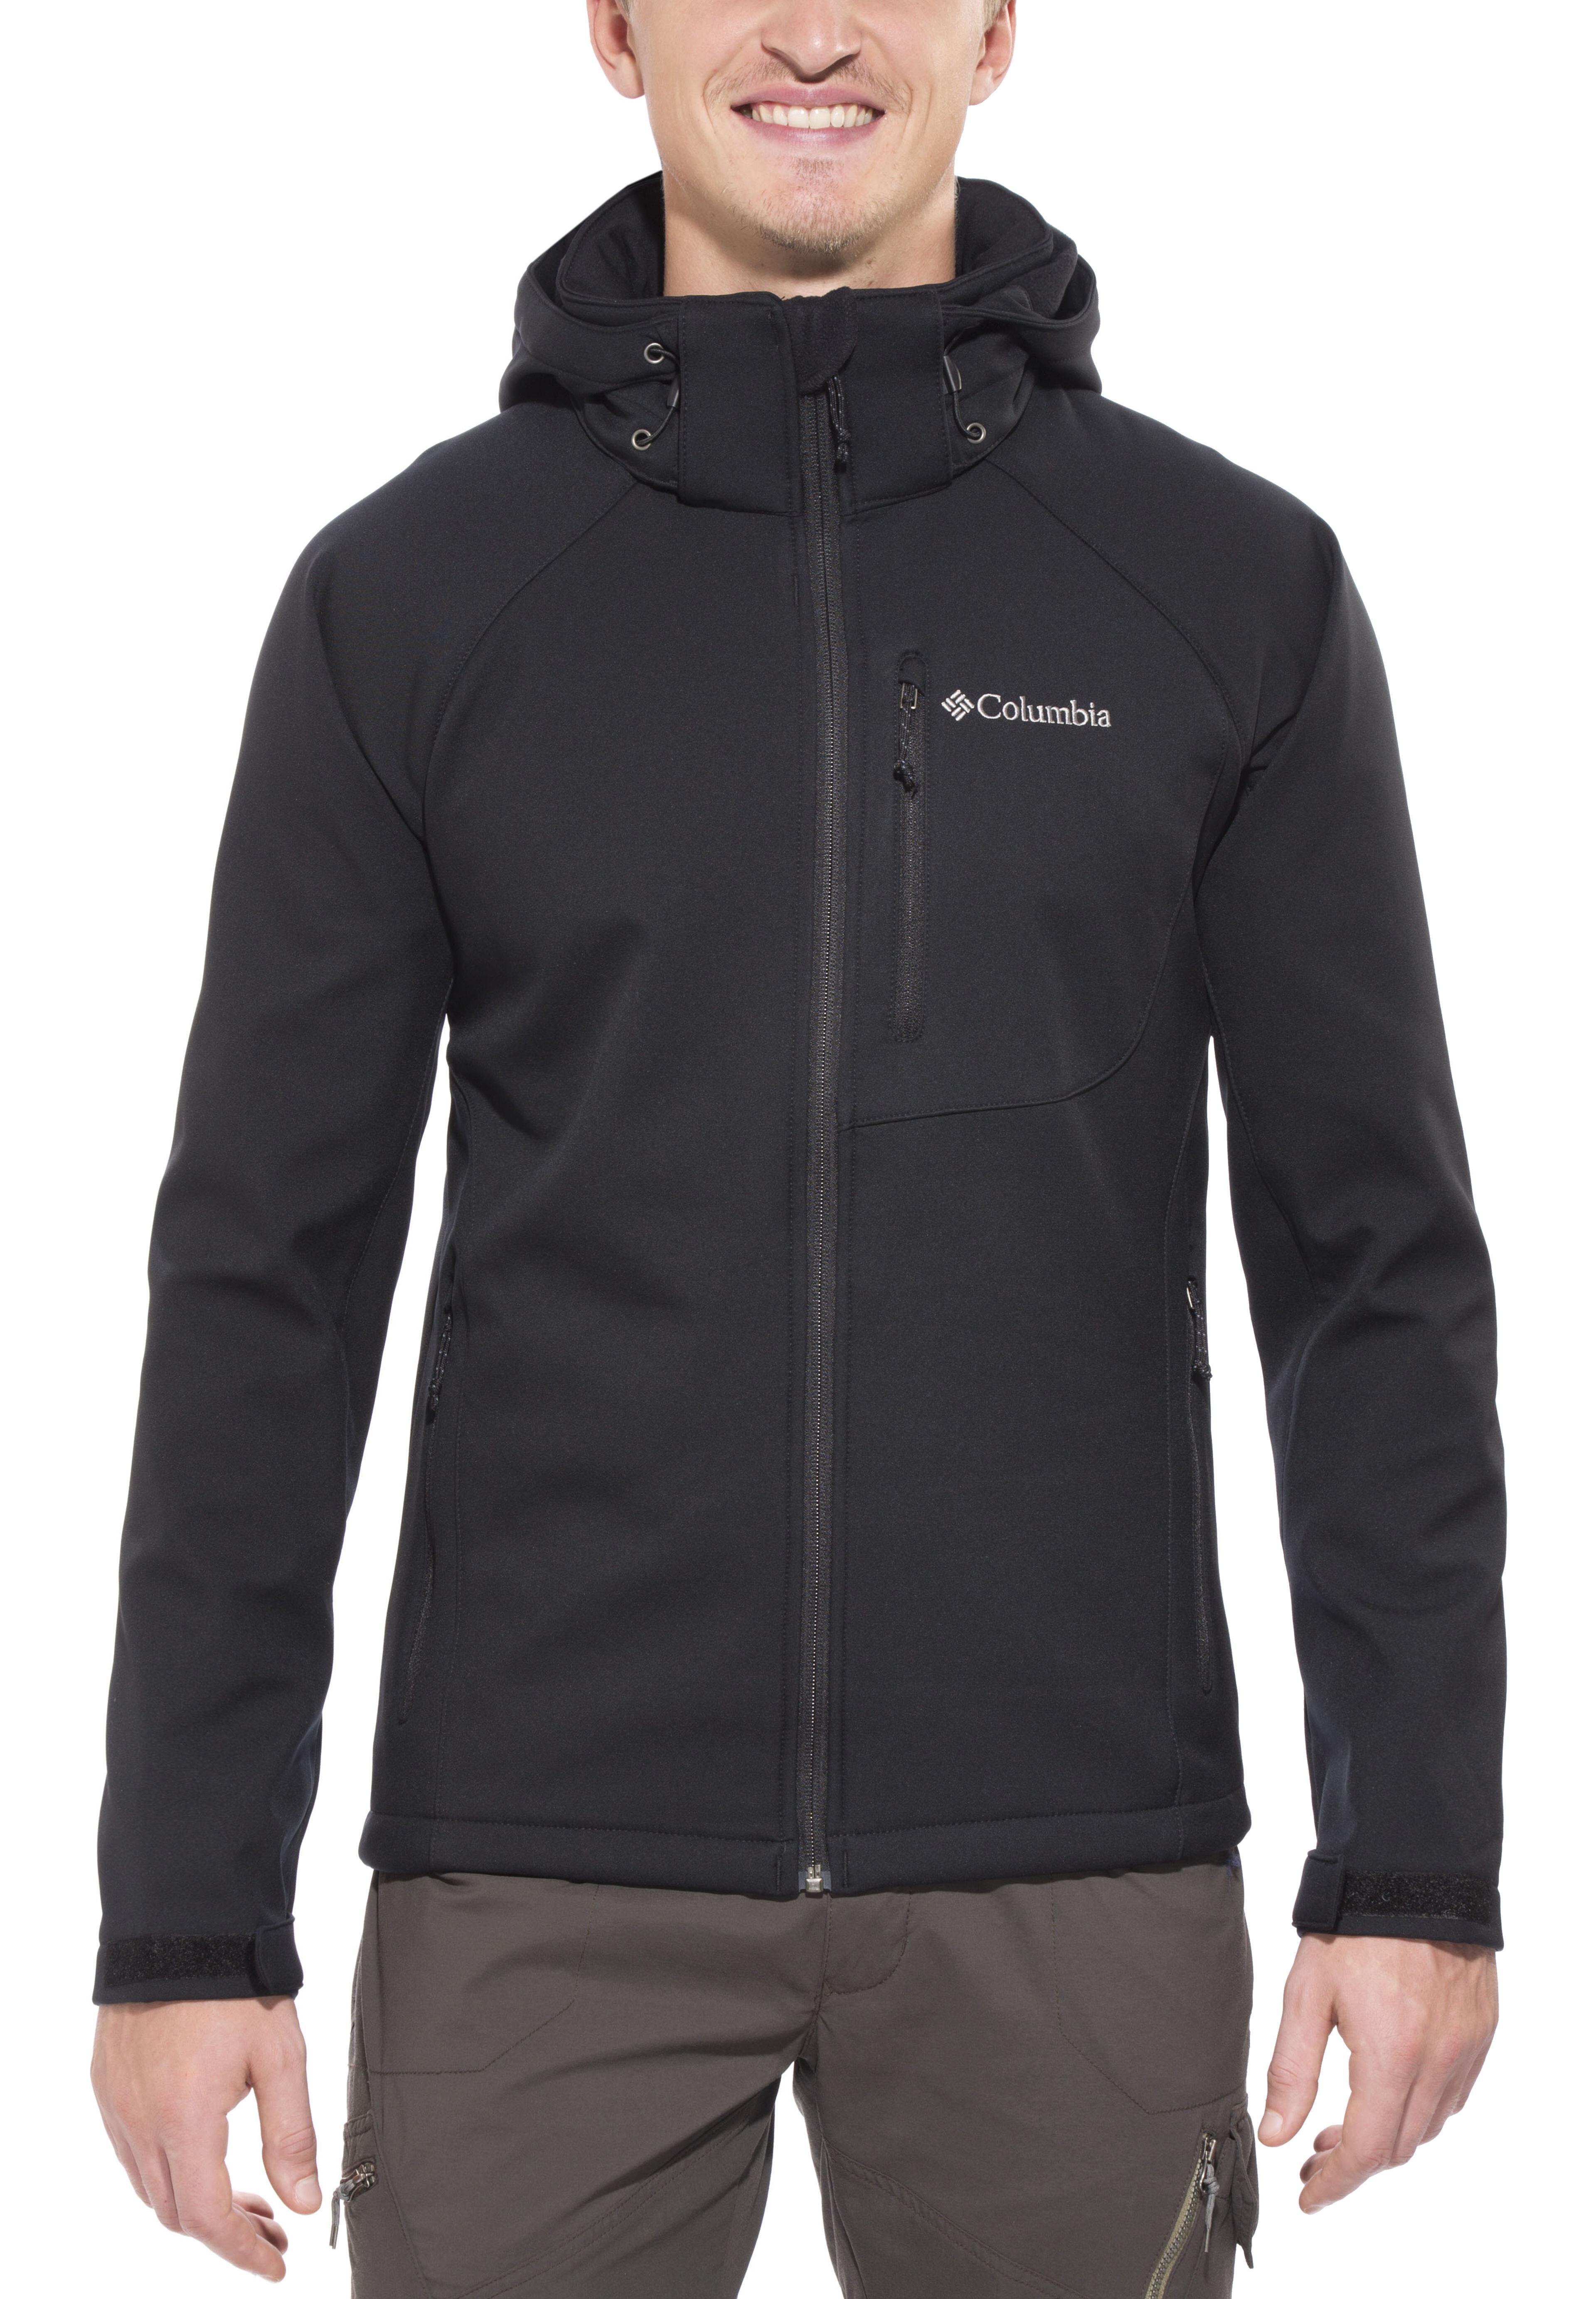 Columbia Cascade Ridge II Jacket Men black at Addnature.co.uk 4b7a9d0d848